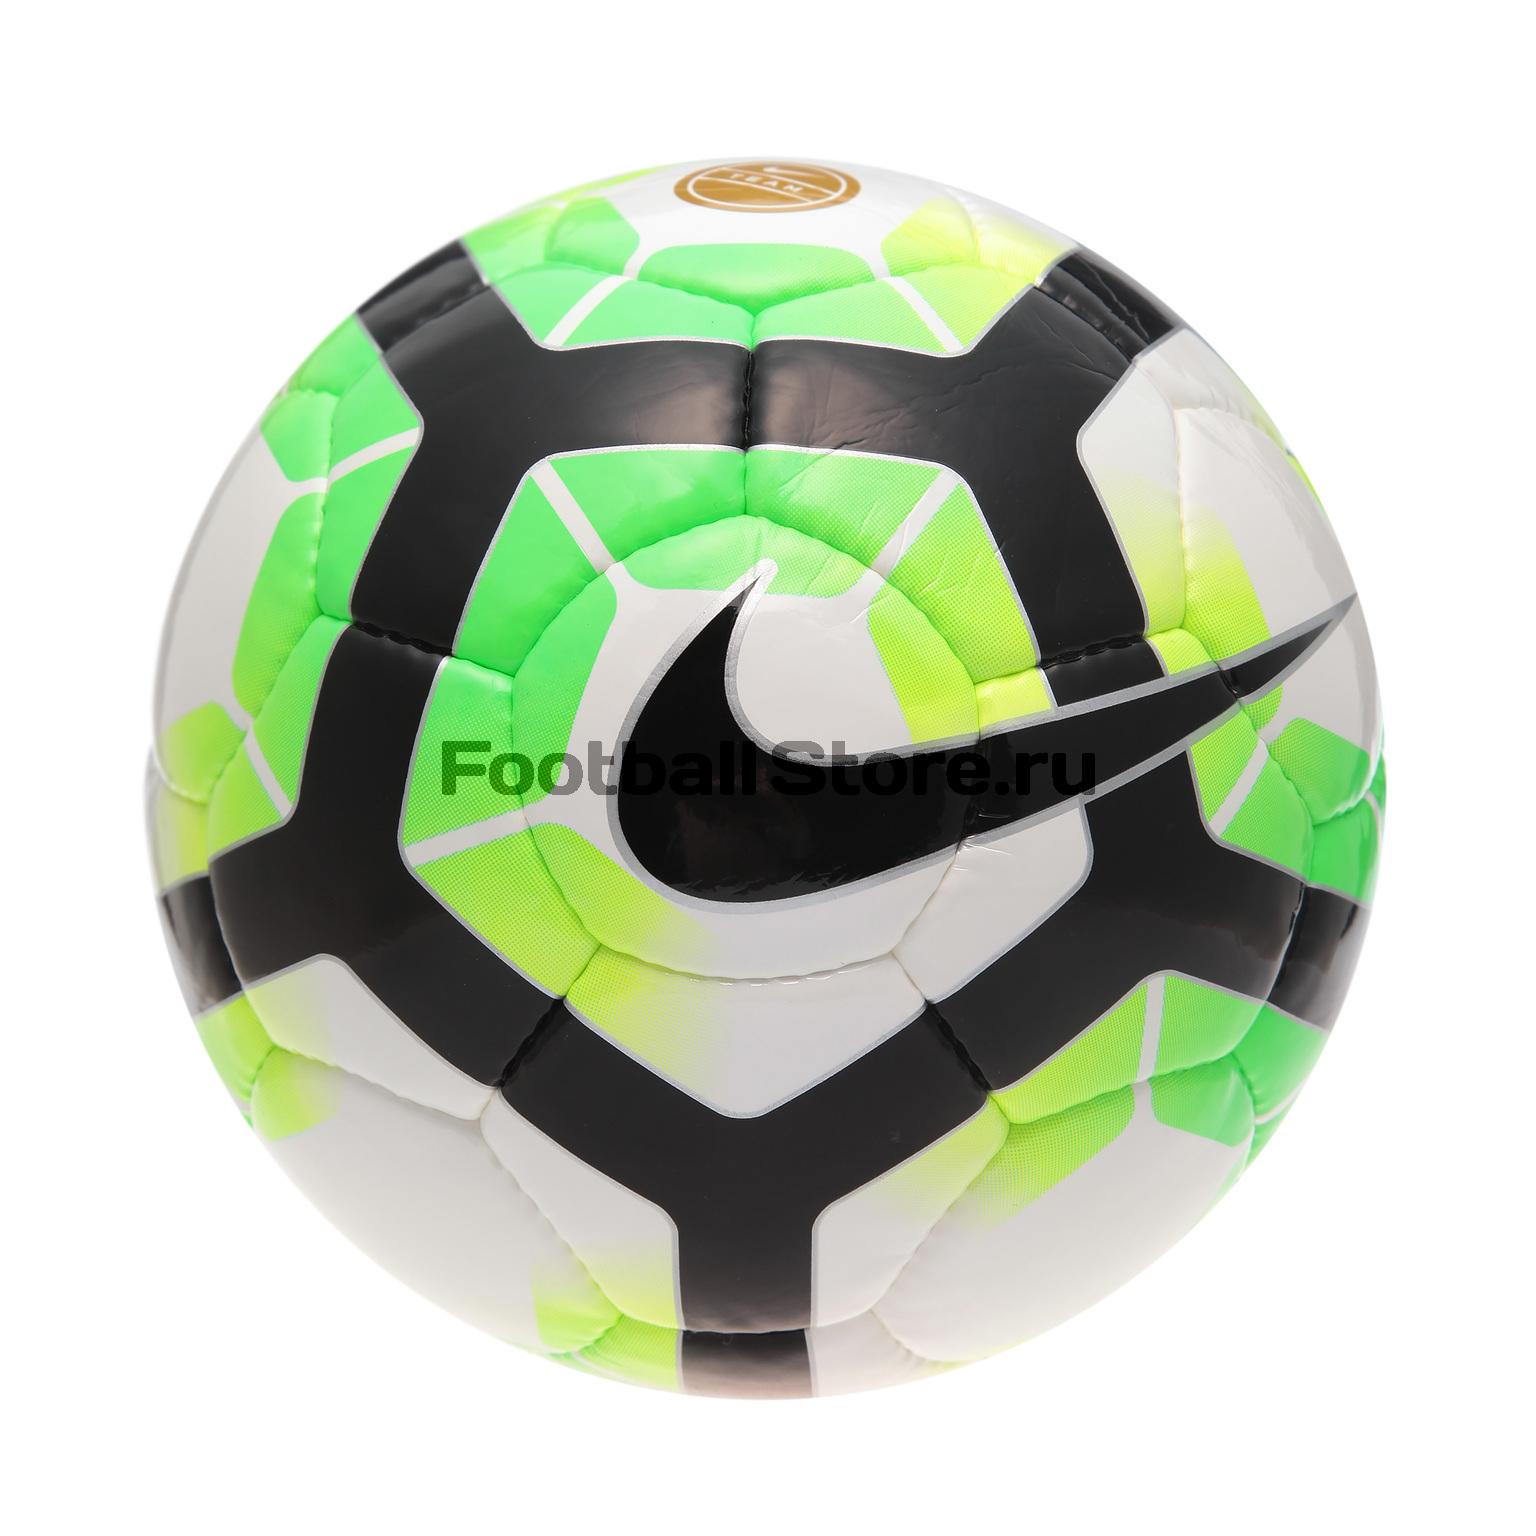 Классические Nike Мяч Nike NK Prmr Team Fifa SC2971-100 классические nike мяч nike nk prmr team fifa sc2971 100